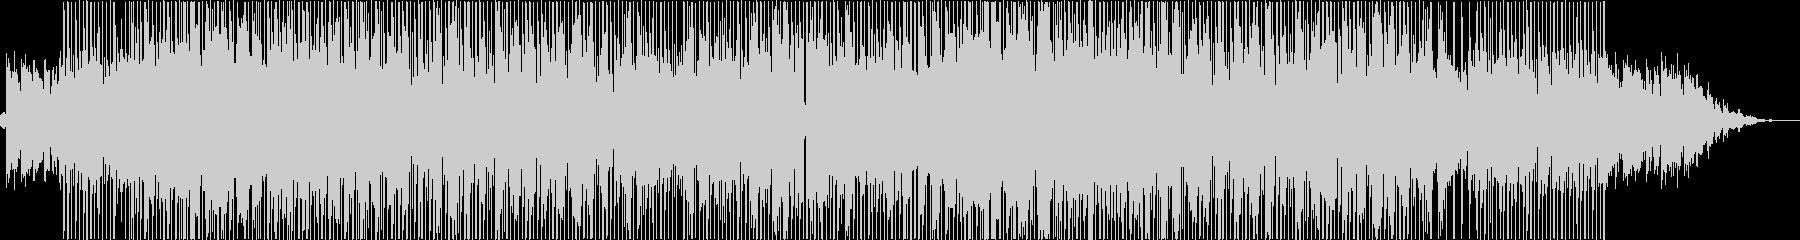 サーカスナイトの未再生の波形